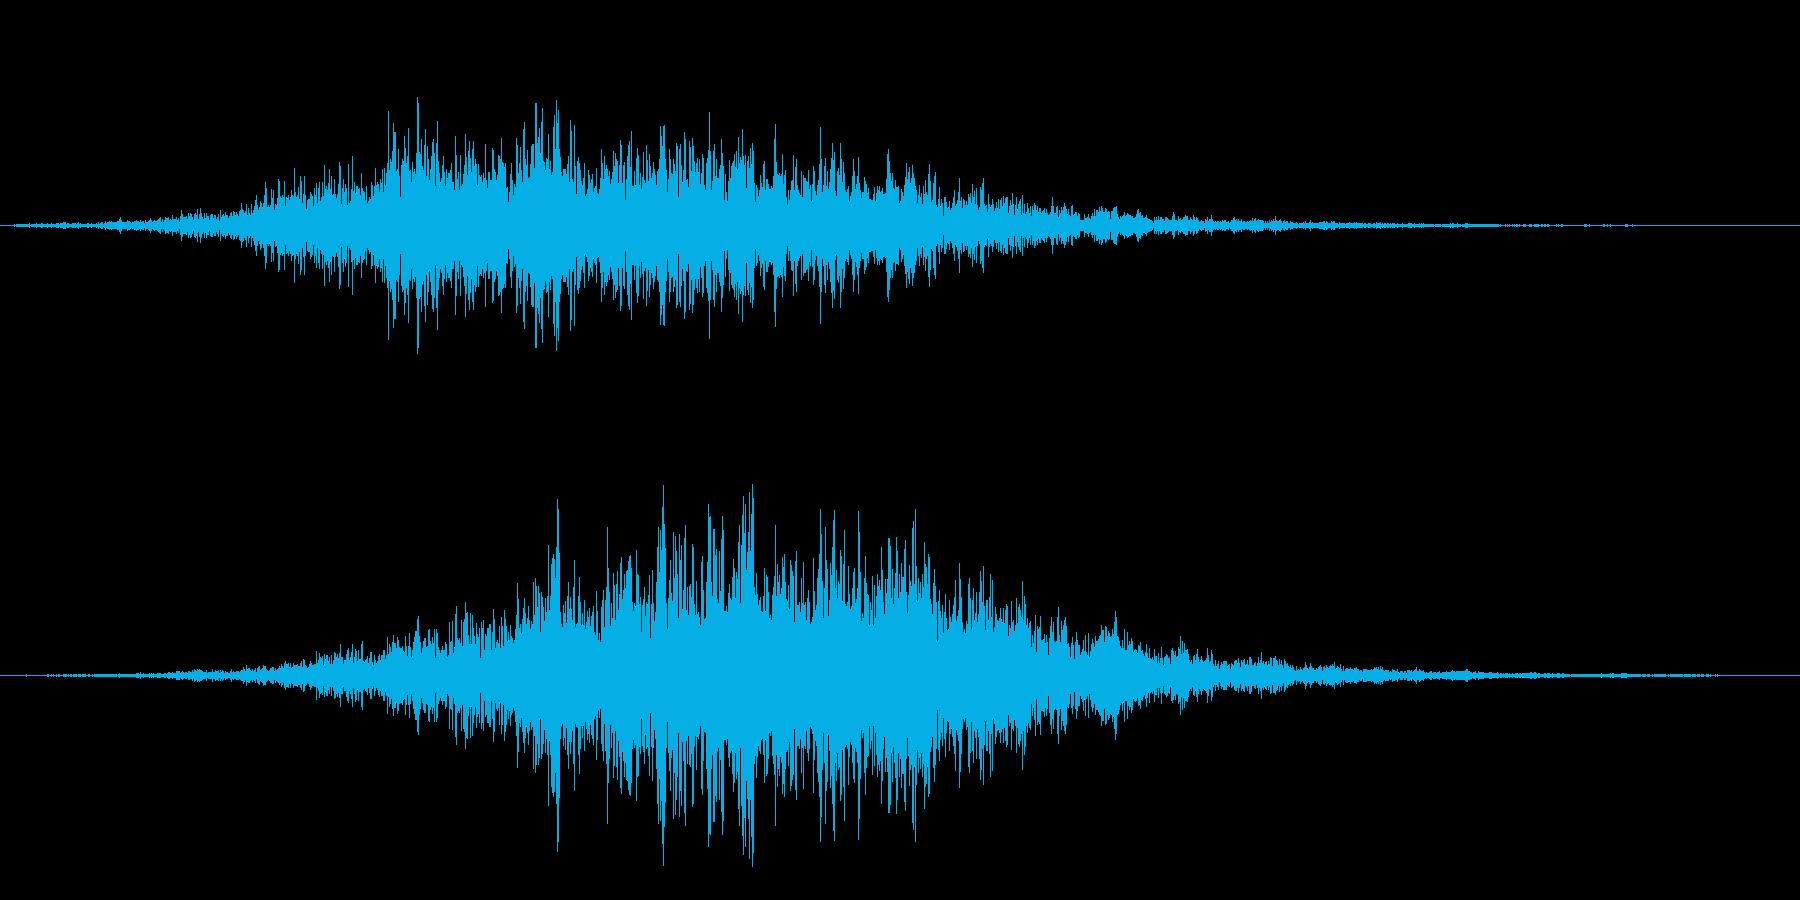 シュルルッ(高速音)の再生済みの波形